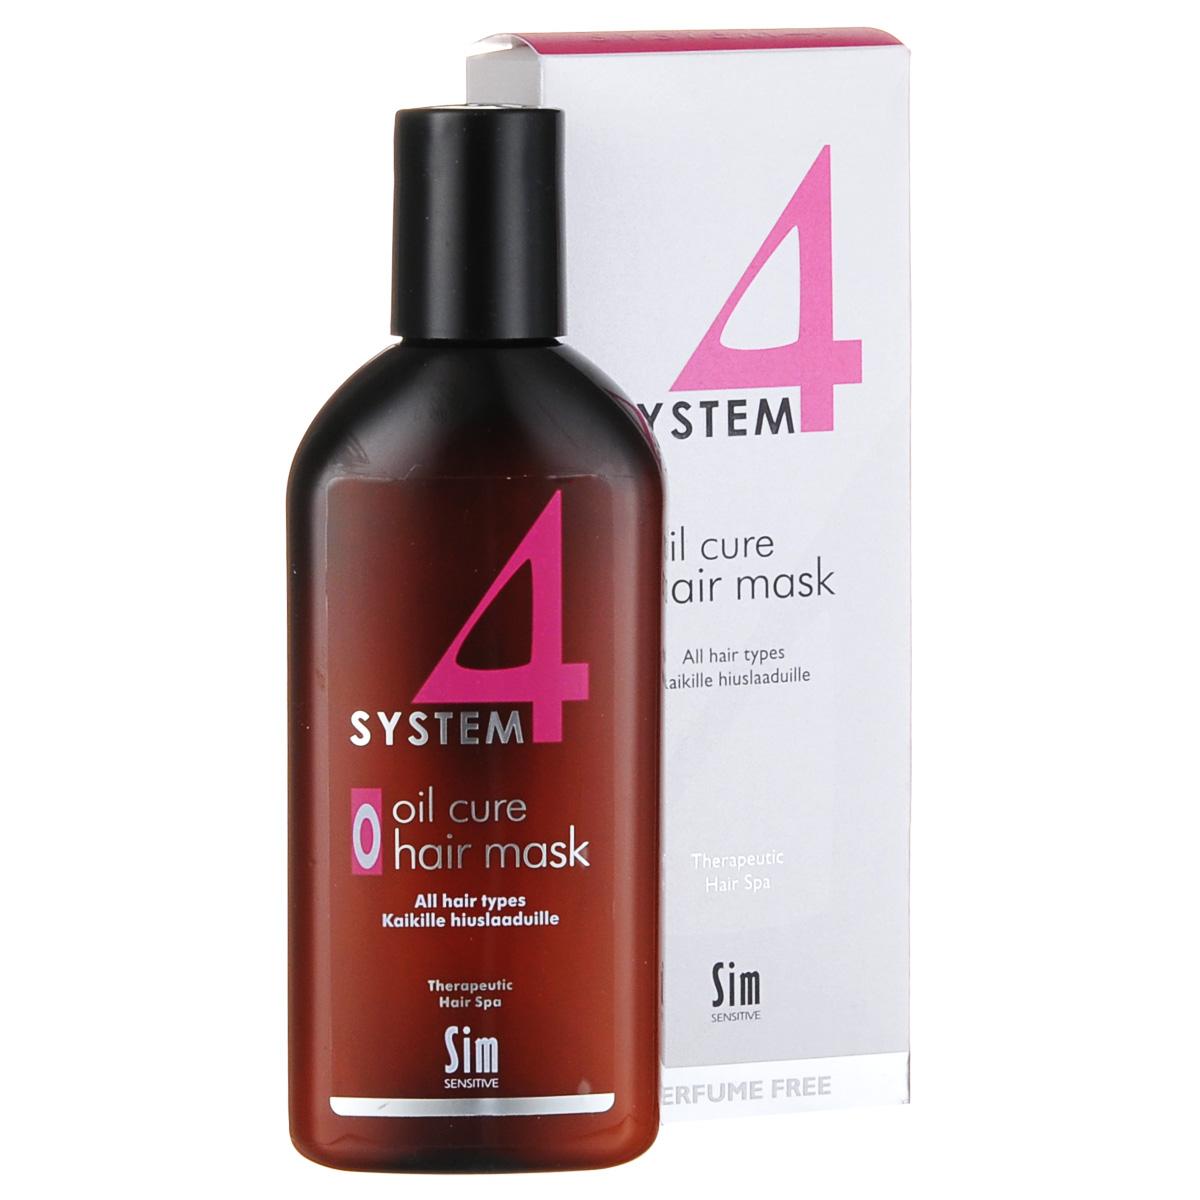 SIM SENSITIVE Терапевтическая маска О SYSTEM 4 Oil Cure Hair Mask «O» , 215 мл5306КАК РАБОТАЕТ: салициловая кислота работает как пилинг, глубоко очищая поверхность кожи головы от всего лишнего, а климбазол и пироктон оламин убивают грибок и восстанавливают микрофлору кожи головы. Таким образом, маска готовит кожу головы к «приему» питательных и стимулирующих веществ из био-ботанического шампуня и био-ботанической сыворотки, которые напрямую попадут в волосяные луковицы. Розмарин и ментол успокаивают кожу головы и стимулируют кровообращение. БОРЕТСЯ С: выпадением волос/редением волос перхотью грибком и бактериями раздражением кожи головы/зудом, псориазом, шелушением избыточным выделением кожного сала (себореей) плохой микроциркуляцией крови в коже головы